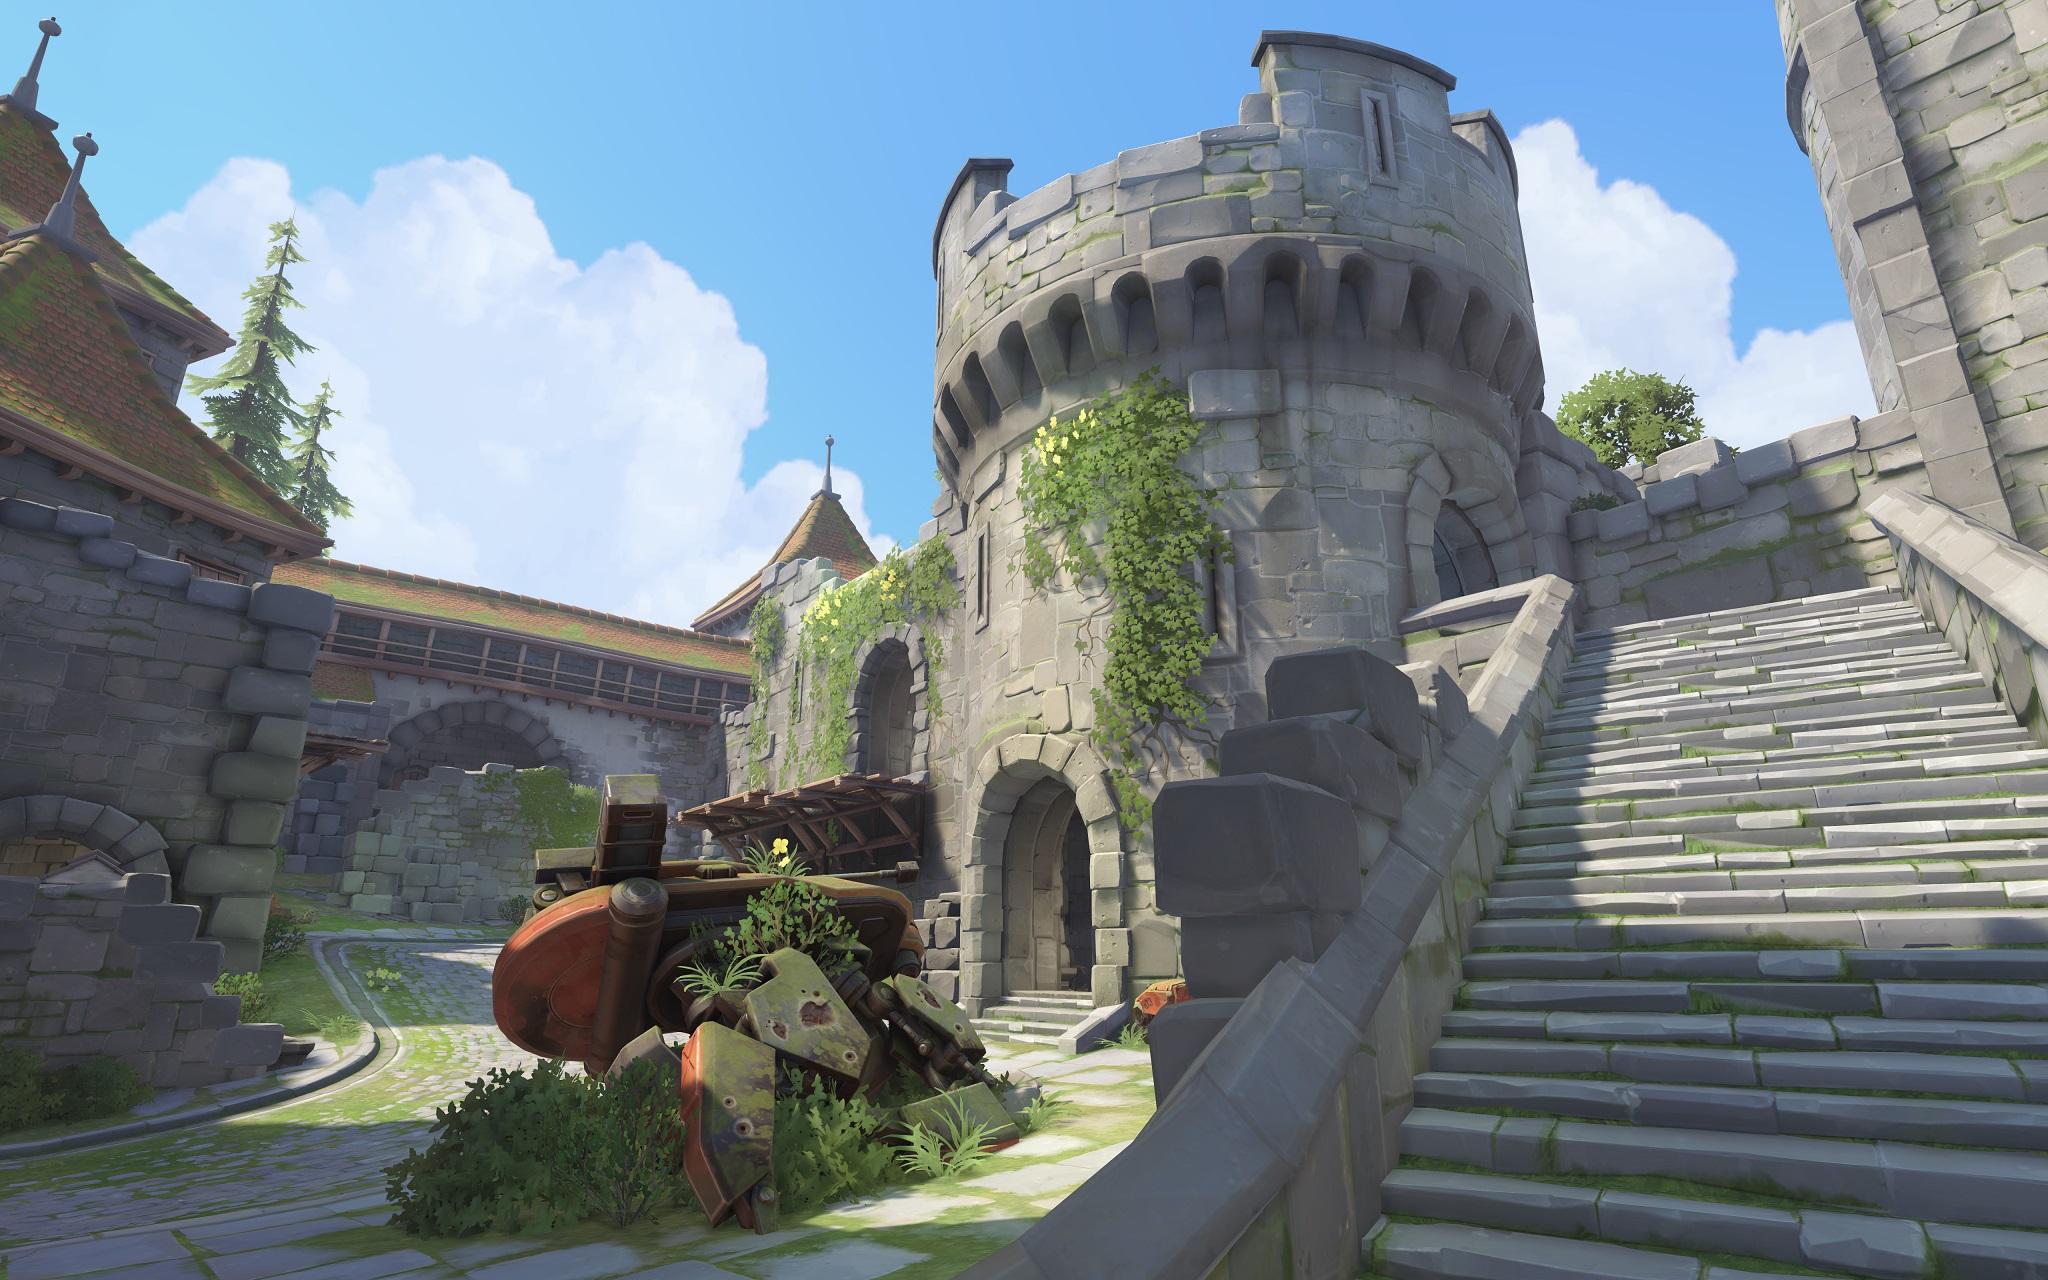 Nová mapa pro Overwatch nás zavede do hradu a přilehlého městečka v Německu 128688